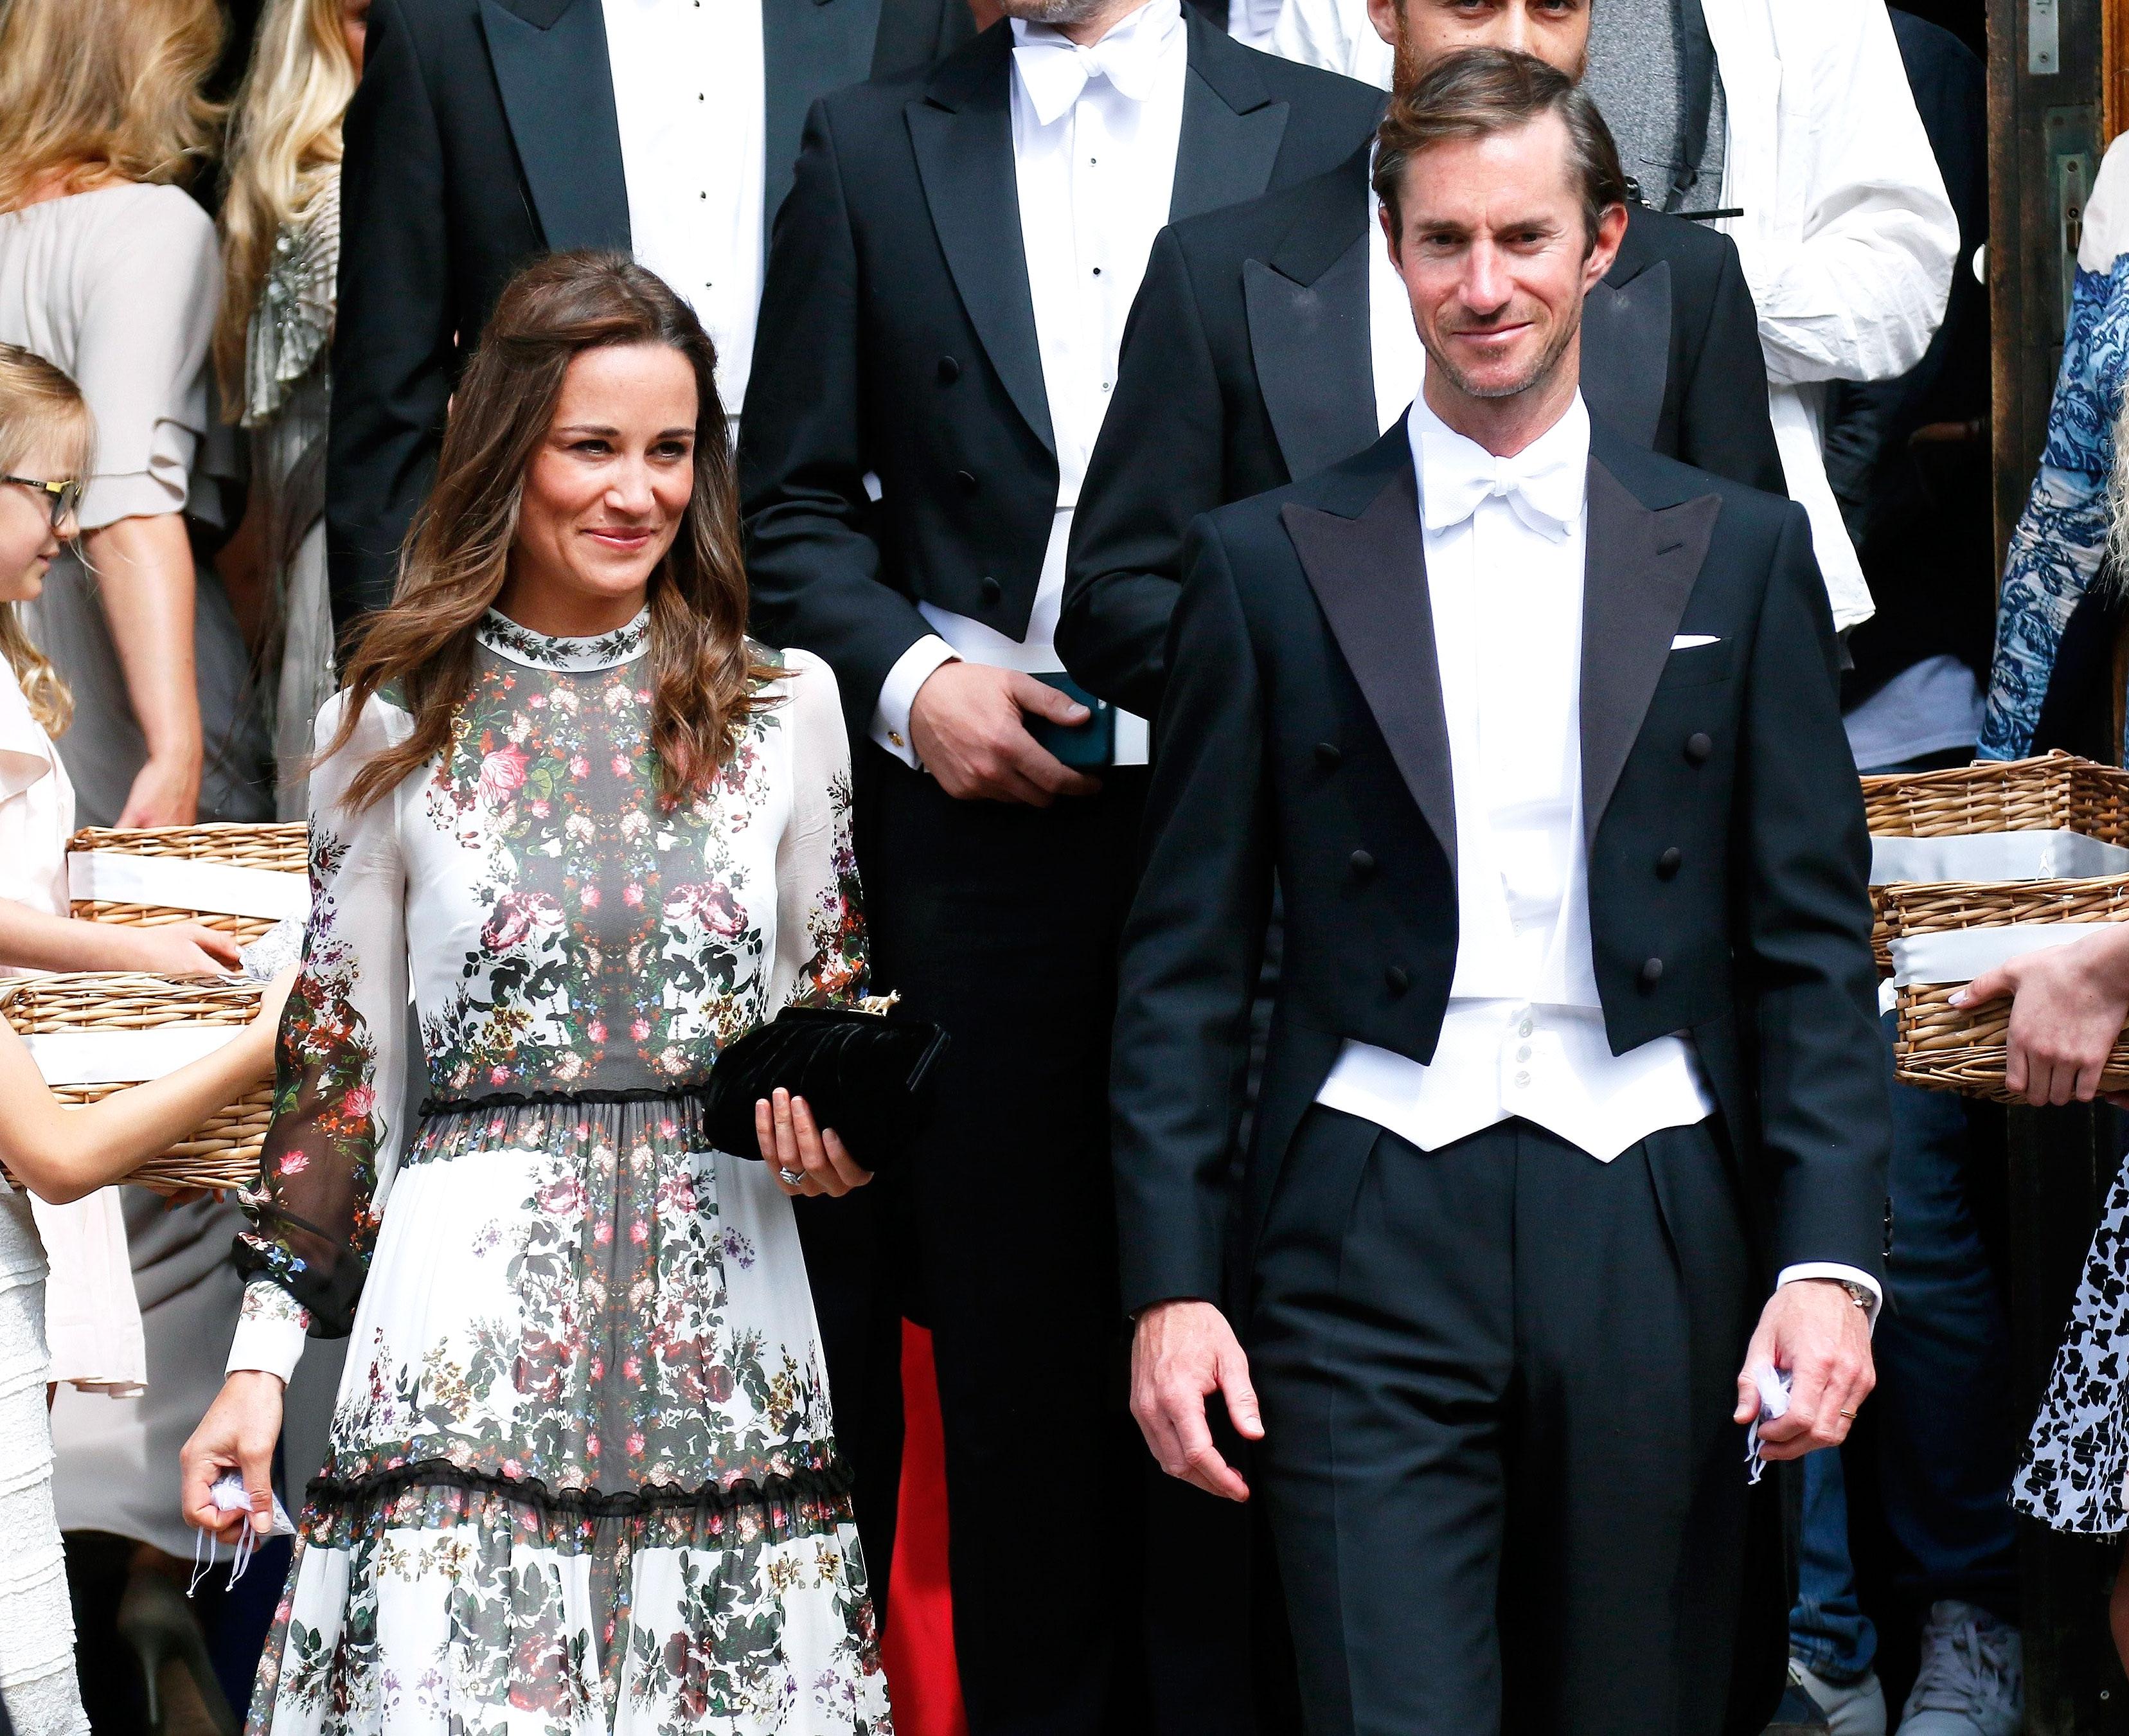 Pippa Middleton and husband James Matthews